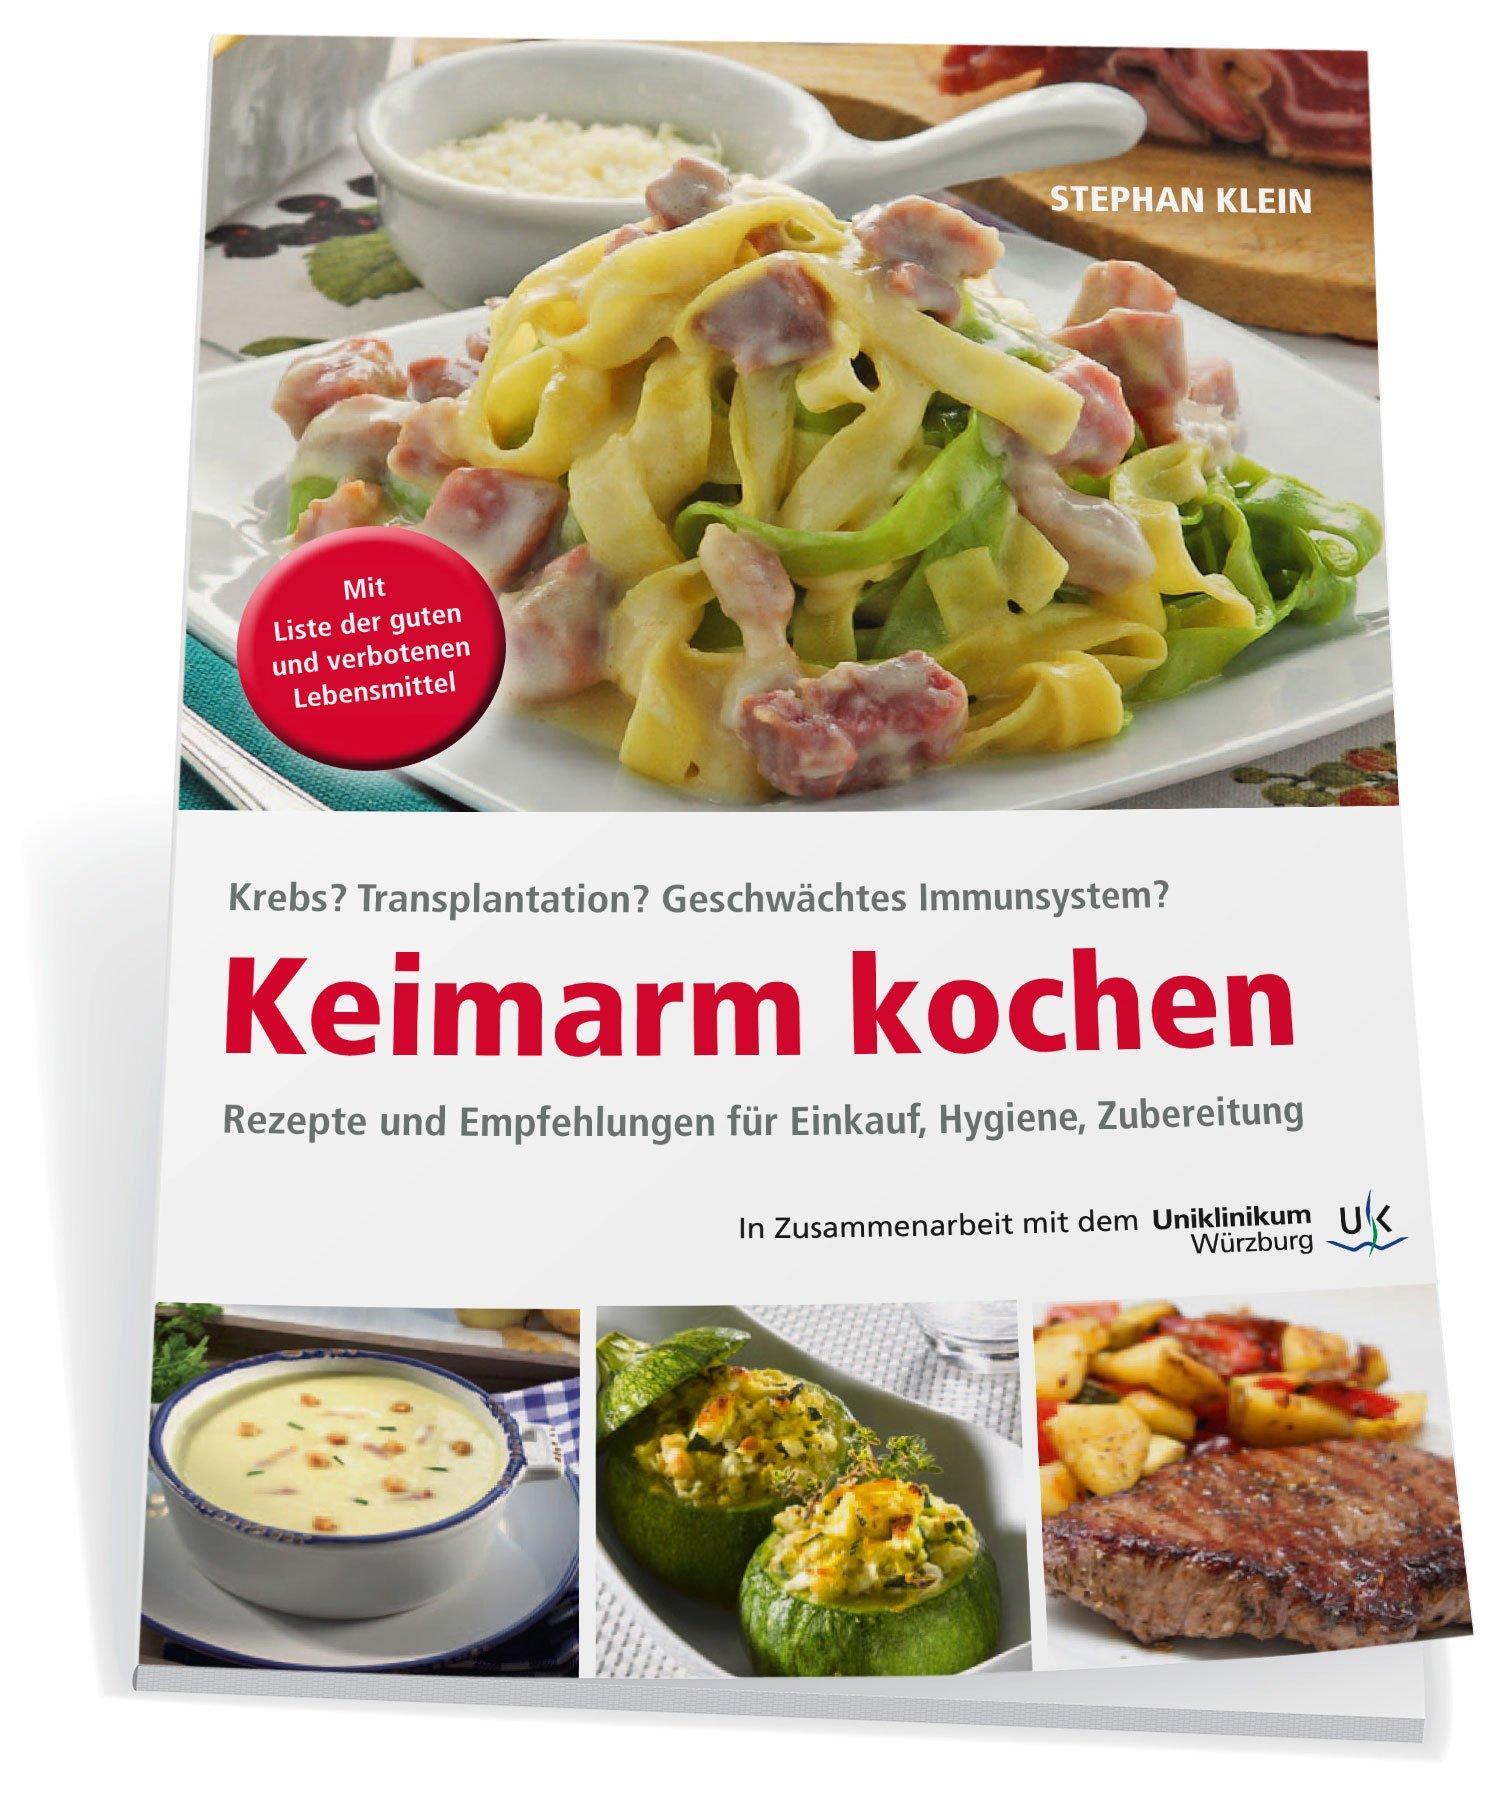 Keimarm kochen: Rezepte und Empfehlungen für Menschen mit Immunsuppression